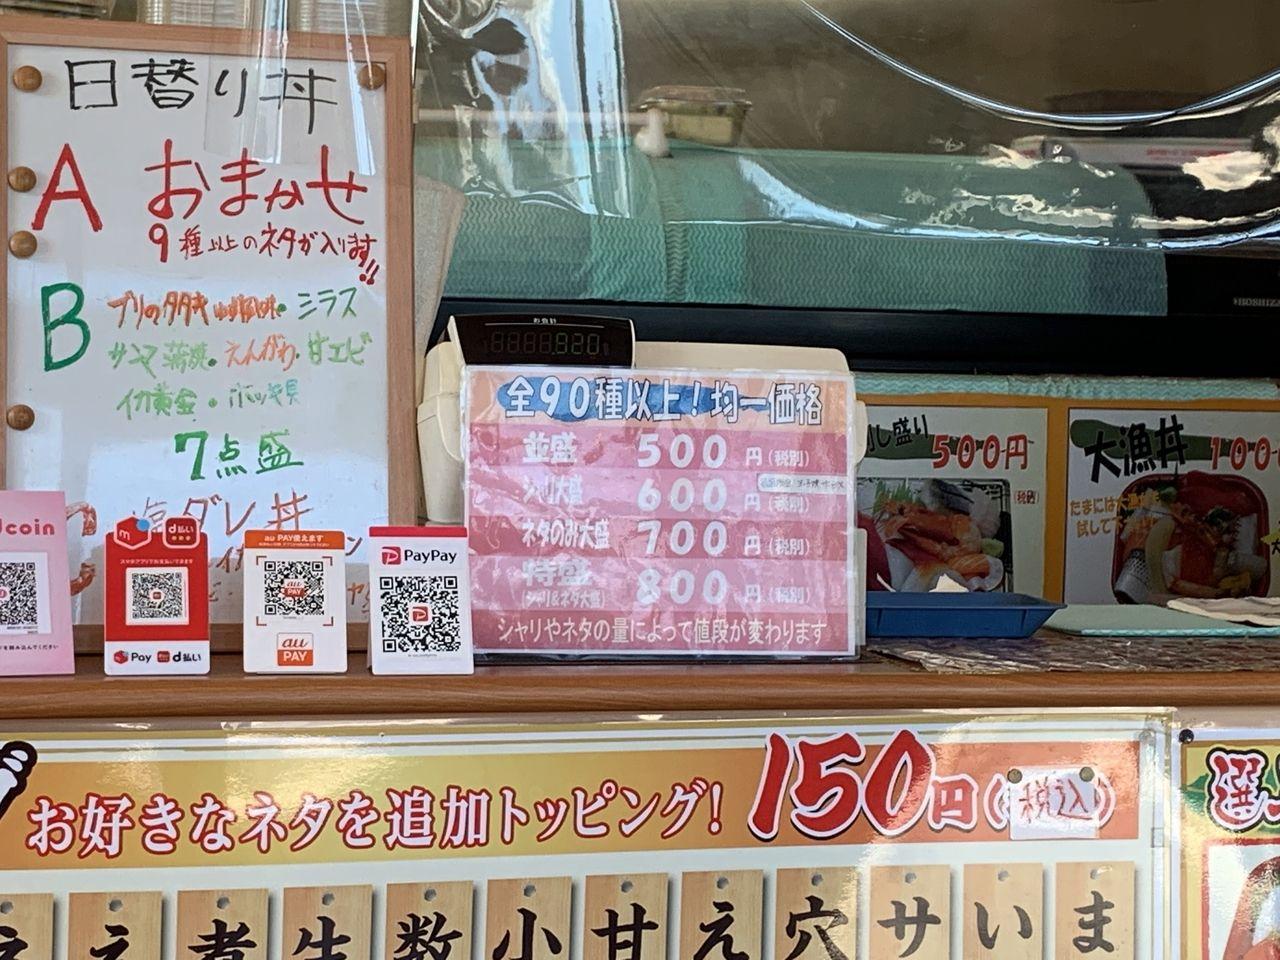 【三郷市食べ歩きブログ】お持ち帰り専門店「ふくふく丼丸三郷早稲田通り店」へ